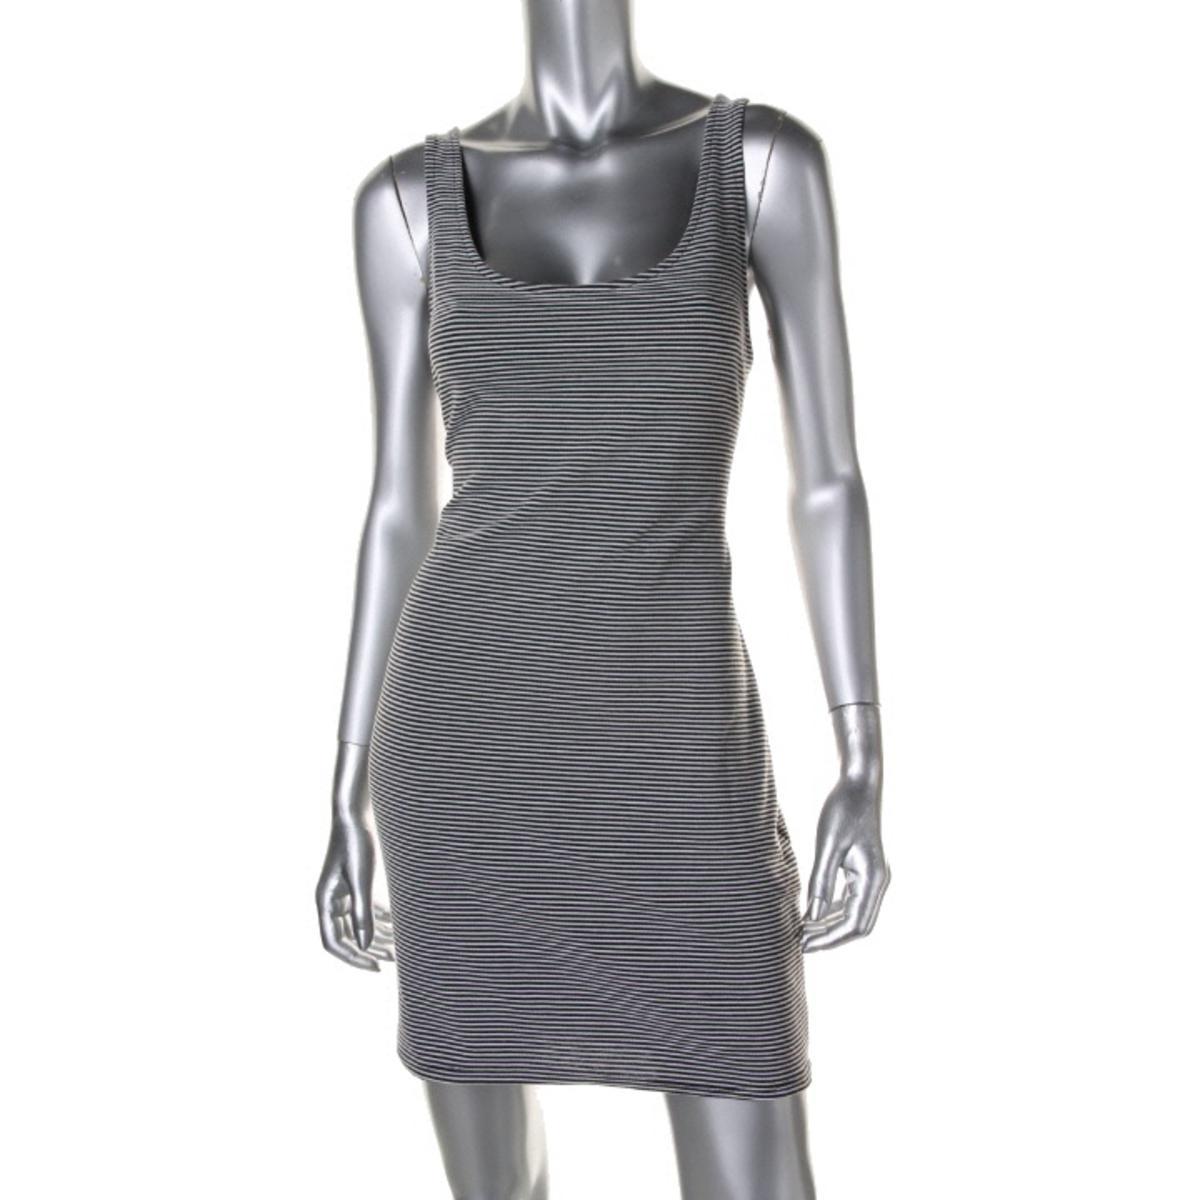 ad0f04420f M GIRL Bandazowa Sexi sukienka Herve XS S Marina - 7054167928 ...